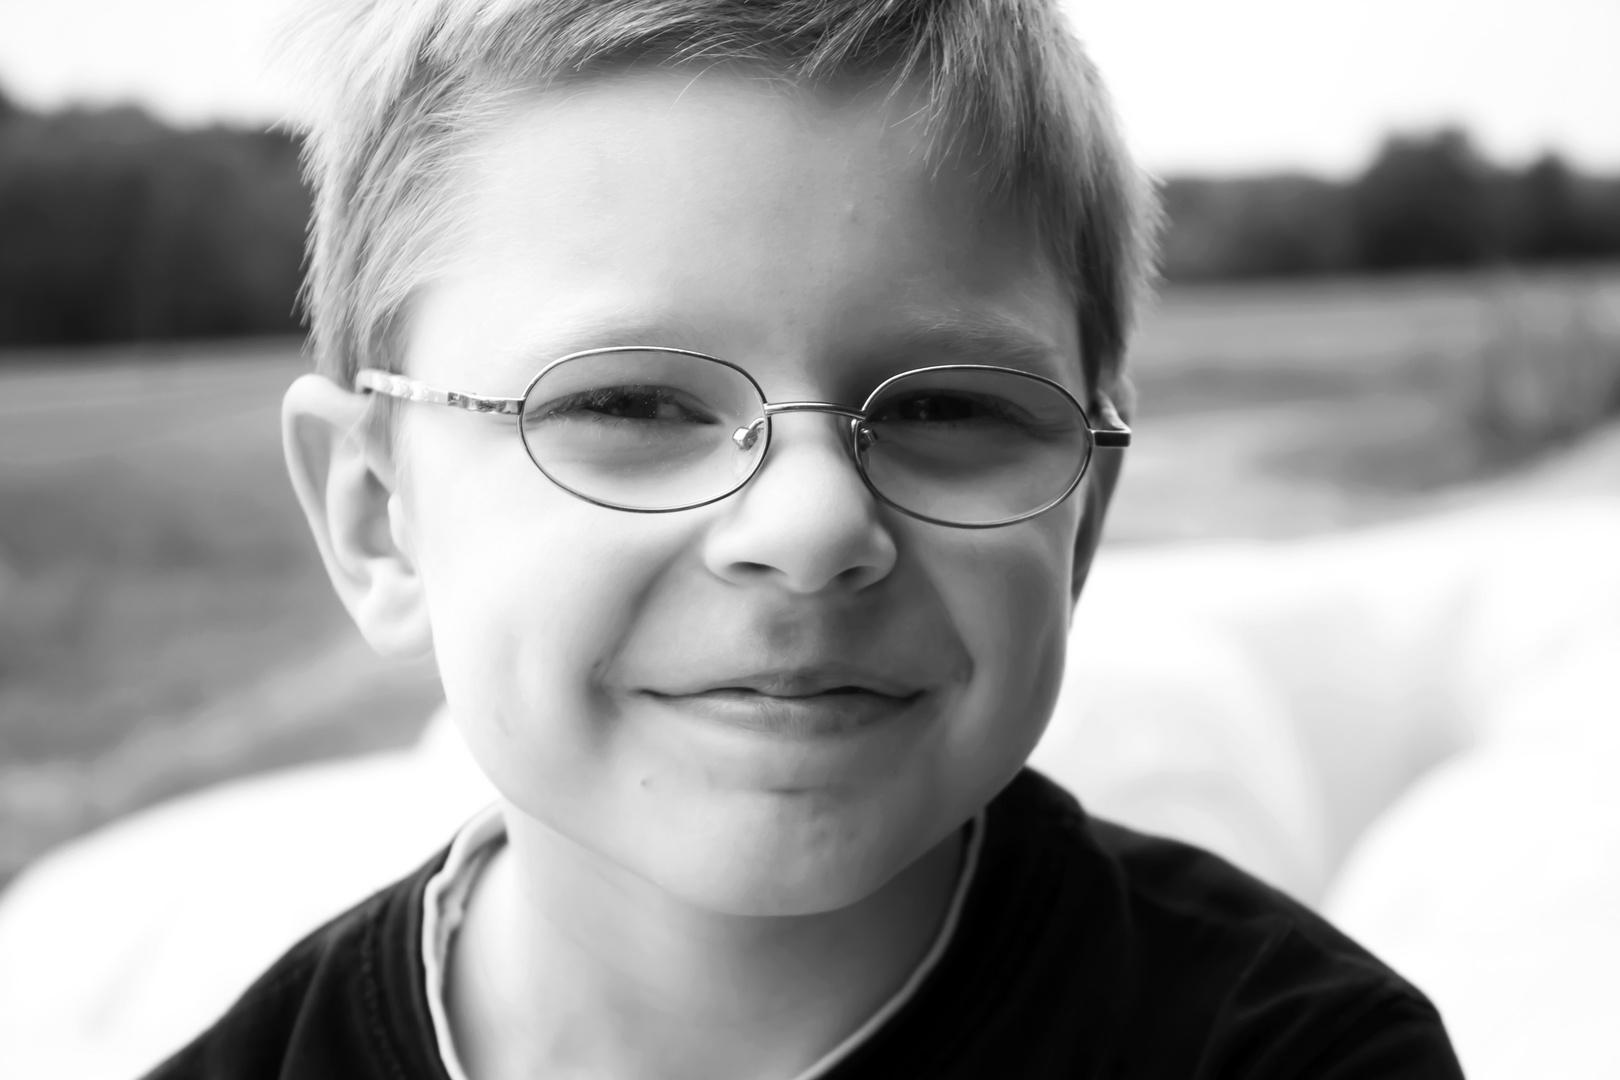 Portrait eines Jungen im Volksschulalter